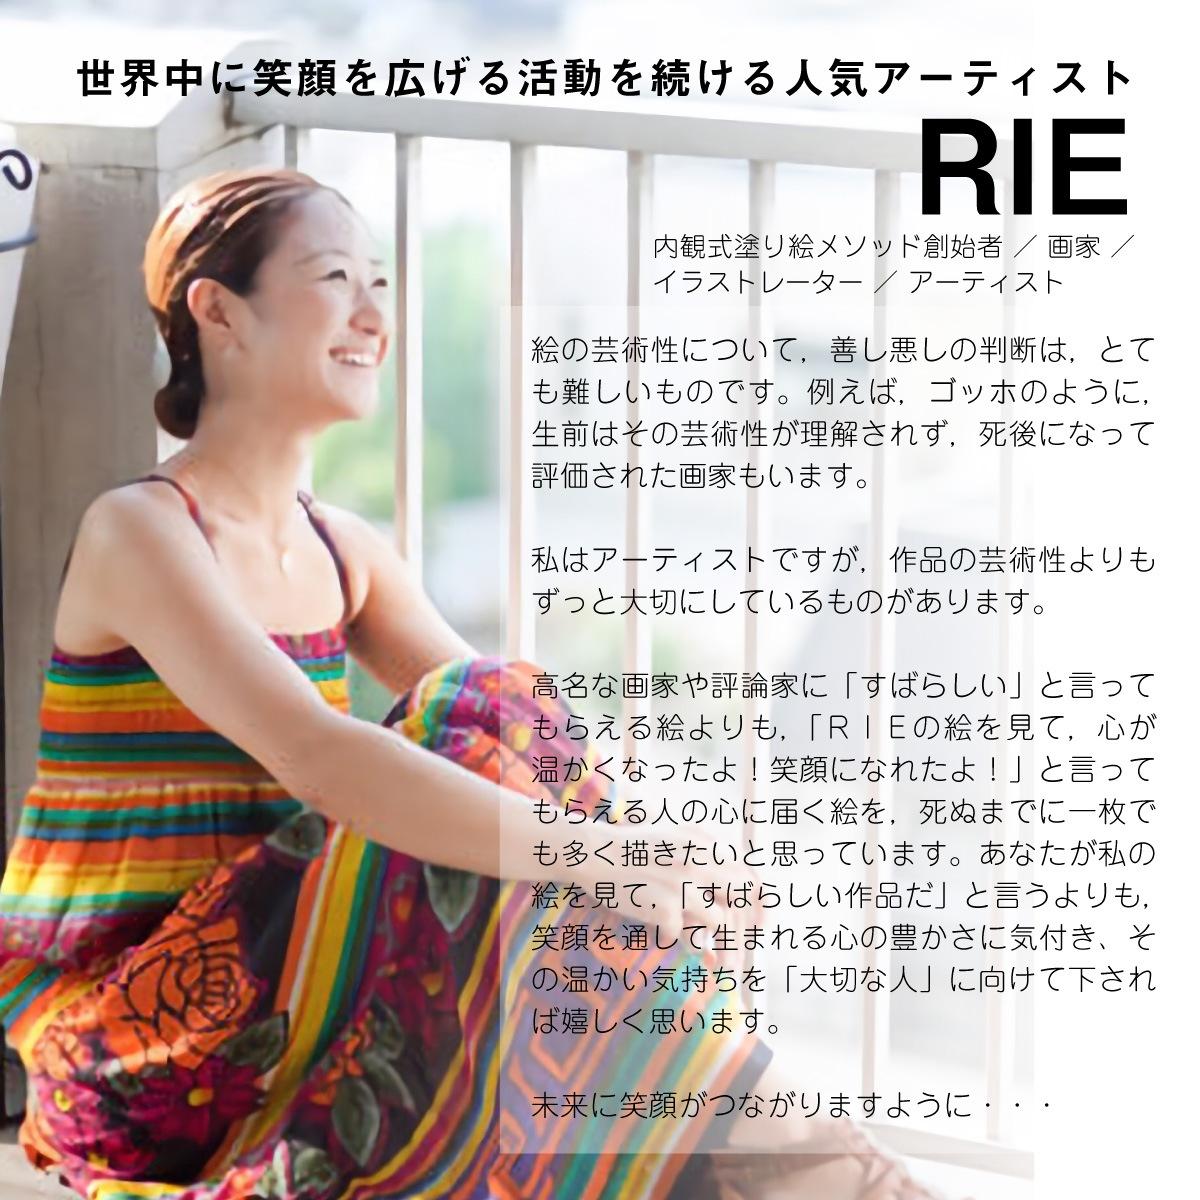 大金運を大輪のヒマワリで! RIEの『幸せのひまわり』